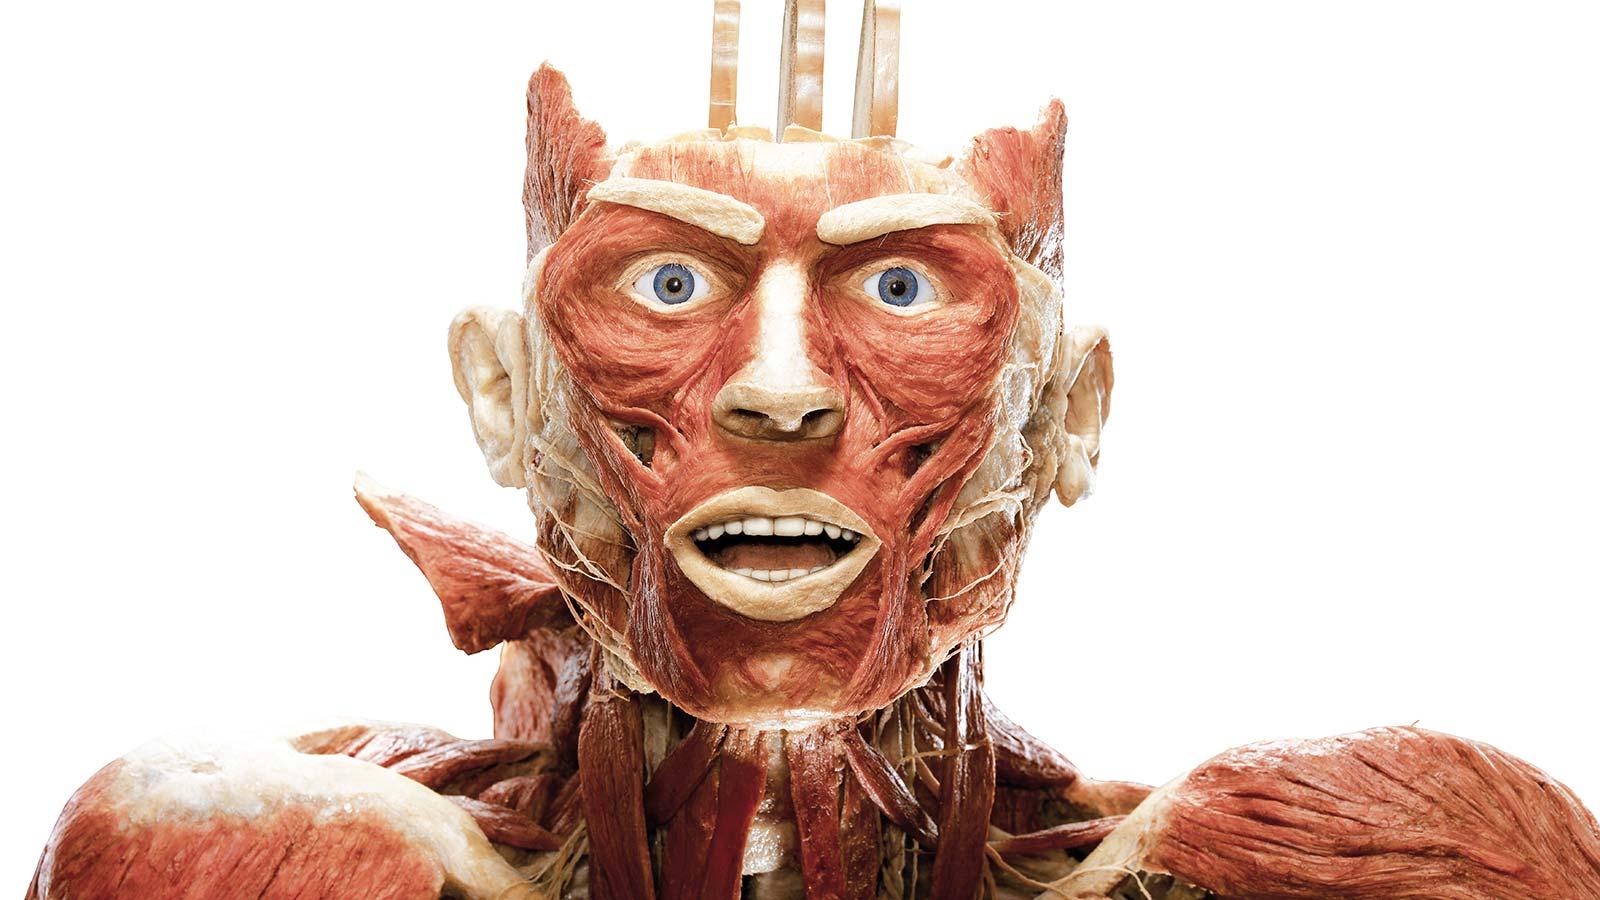 menneskekroppe udstilling